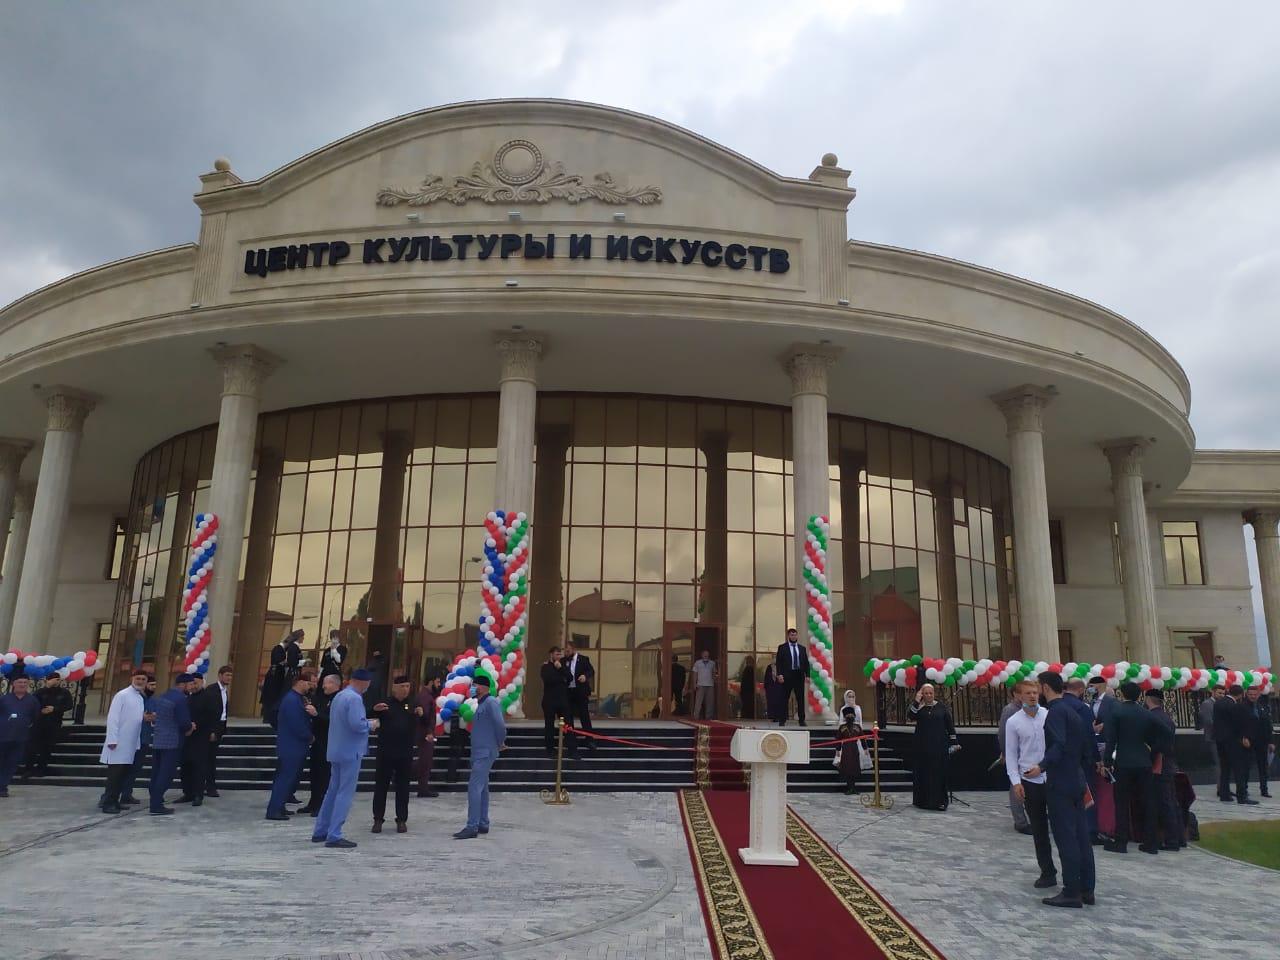 ЧЕЧНЯ. Новый центр культуры иискусства открыли вКурчалой